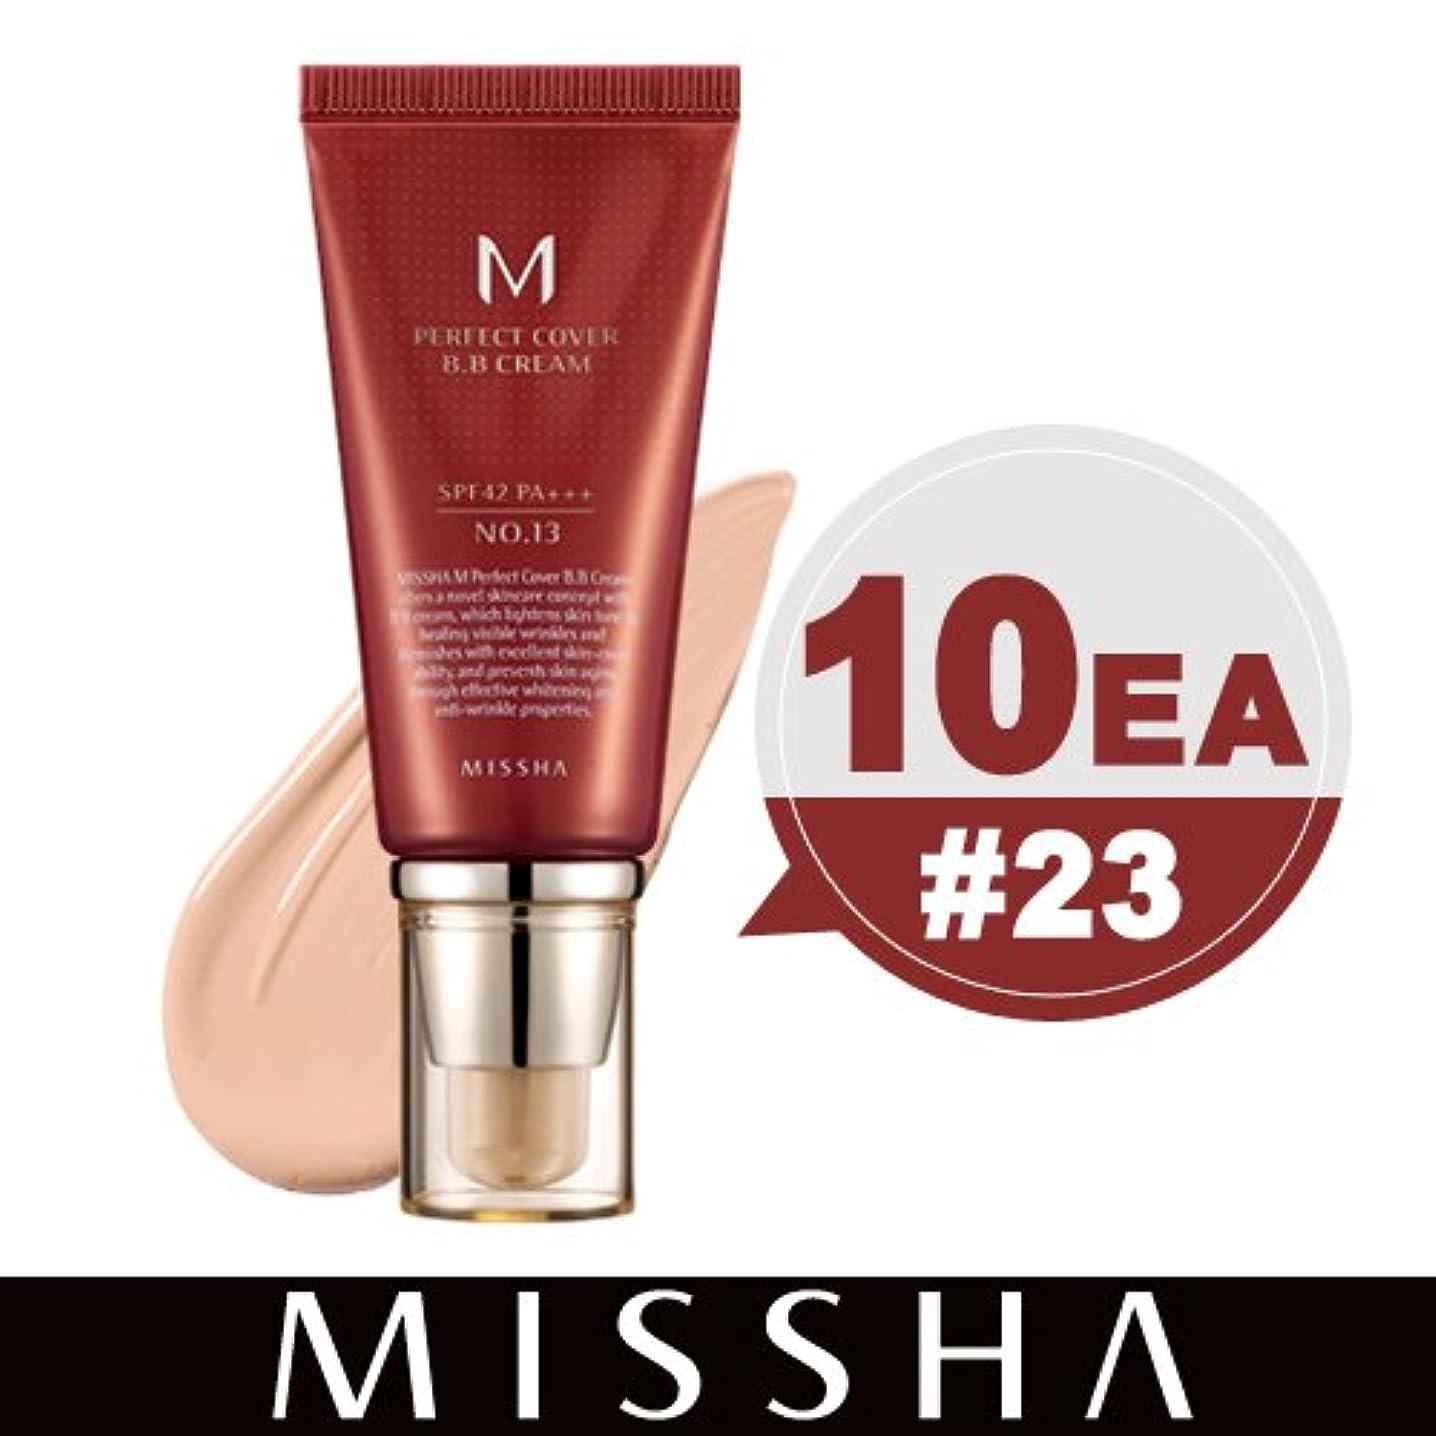 百年反対緩める[MISSHA/ミシャ] M パーフェクトカバーBBクリーム UV SPF42 PA+++ (No.23)10本 セット [HONEST SKIN海外直送品]